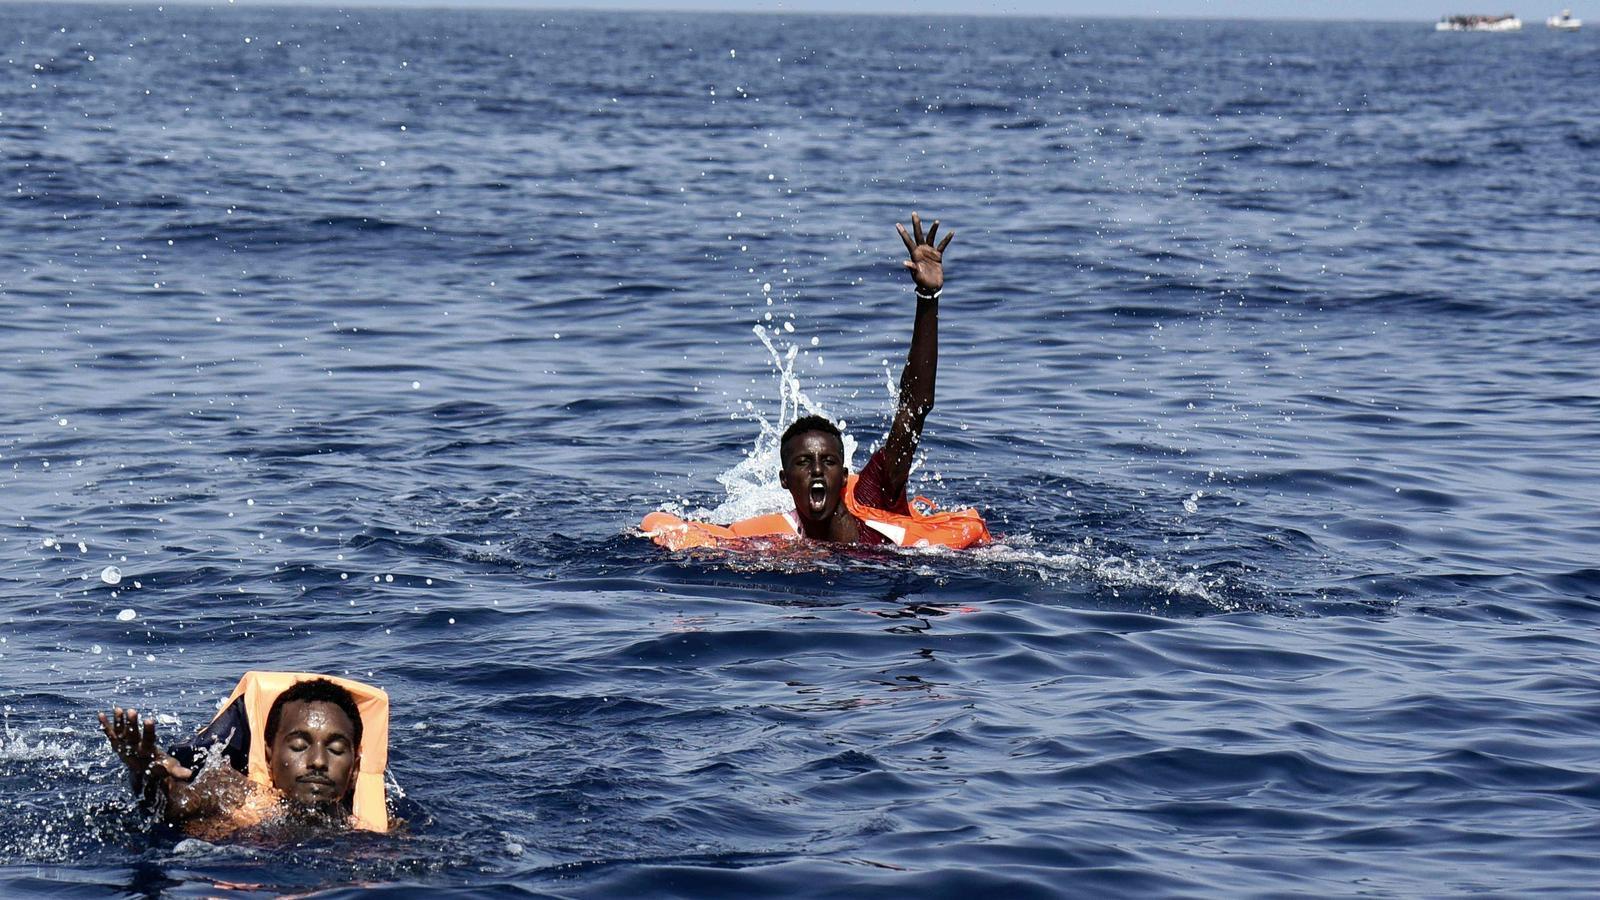 REFUGIADOS-UE II - Página 2 Rescat-extremis-marines-Nord-dAfrica_1663043856_34457156_651x434